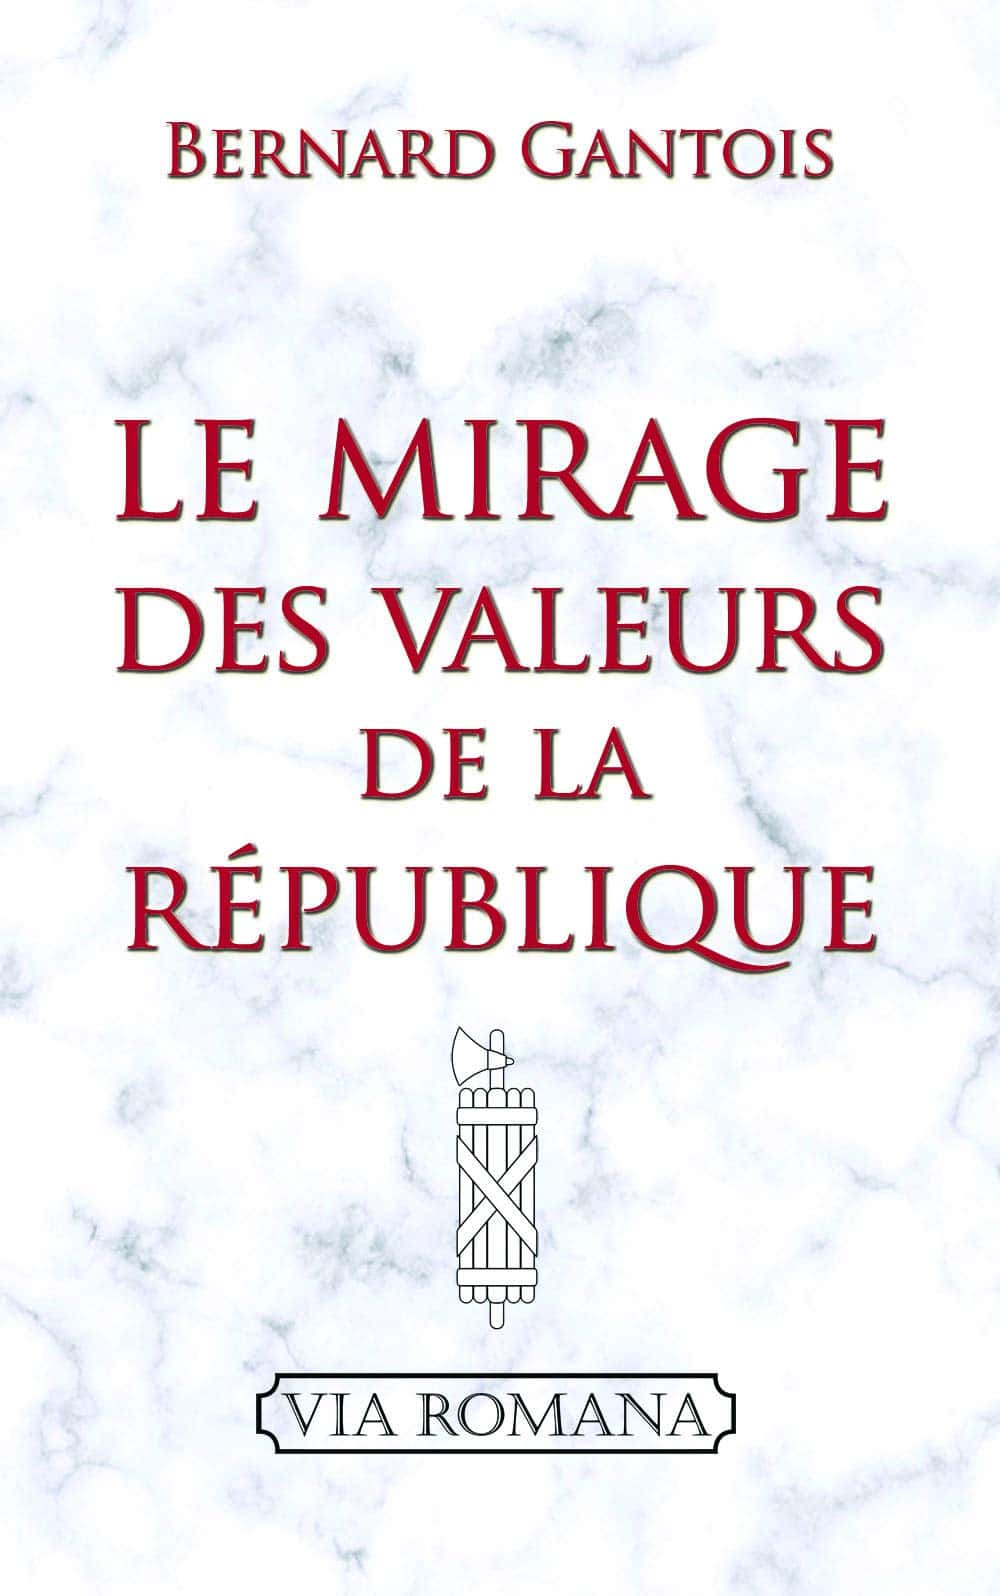 Bernard Gantois, Le mirage des valeurs de la République, Via Romana, 236 pages, 13 euros.